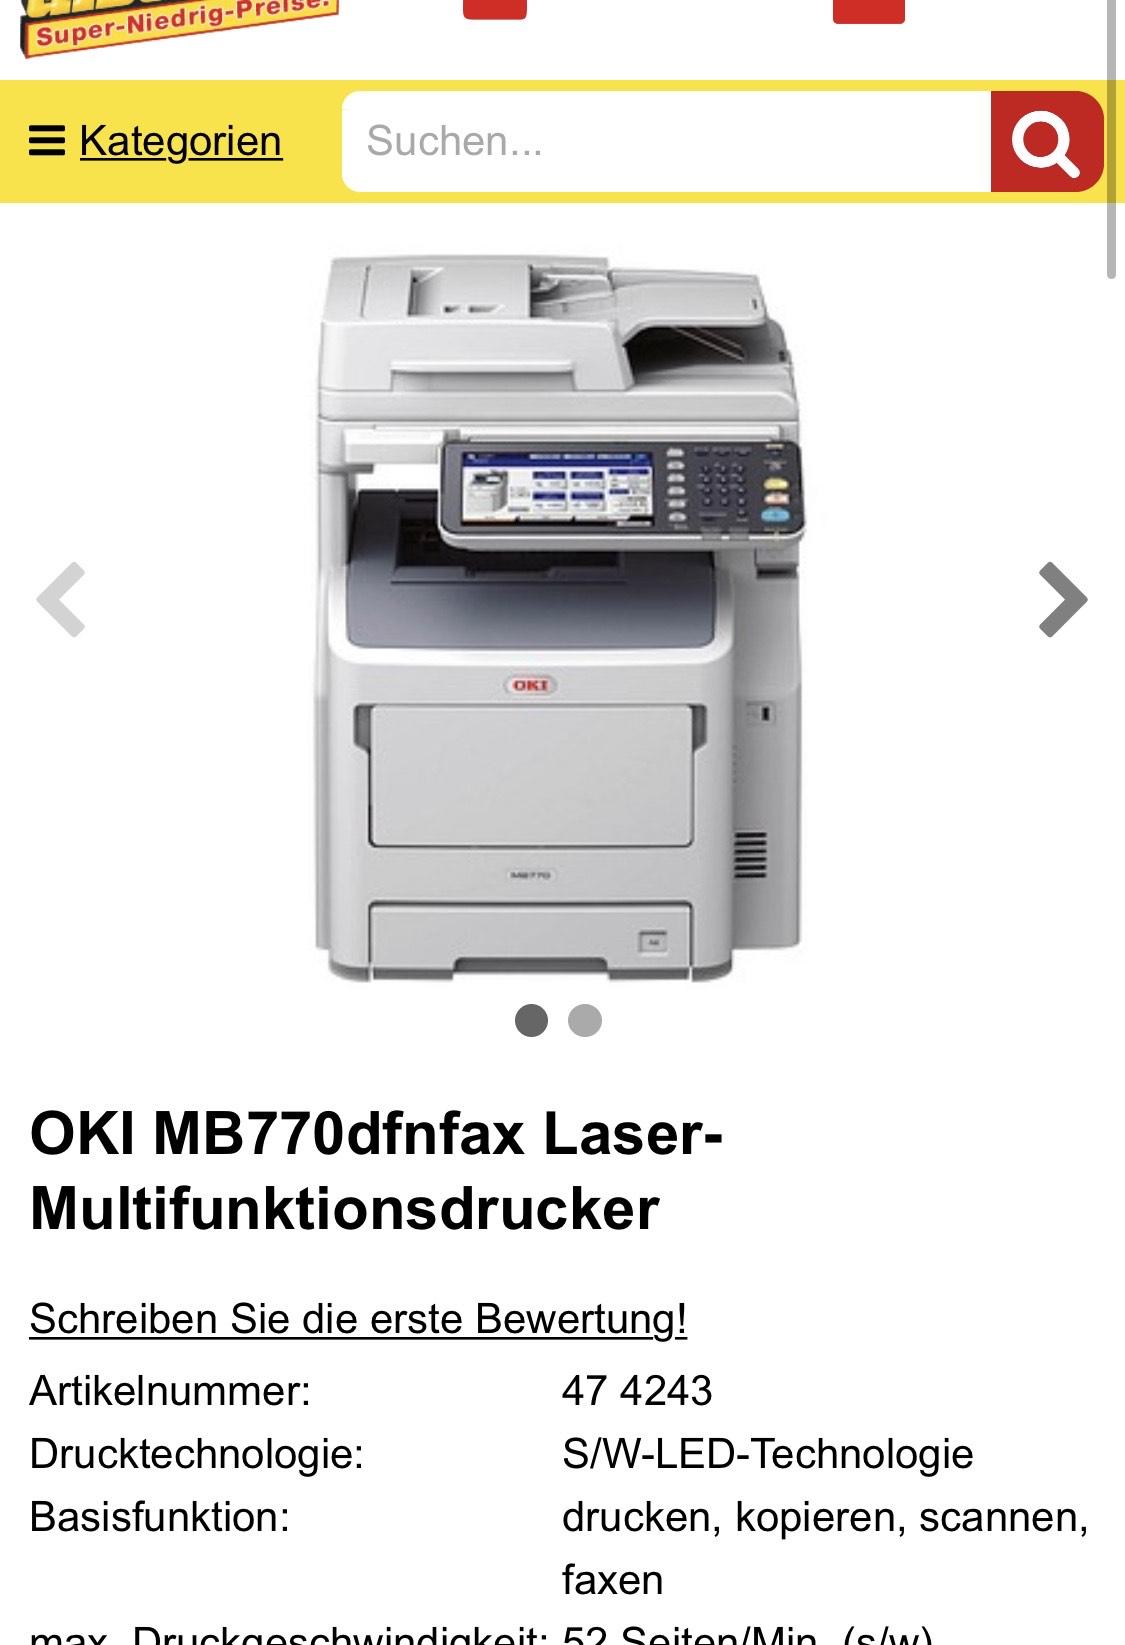 OKI MB770dfnfax Laser